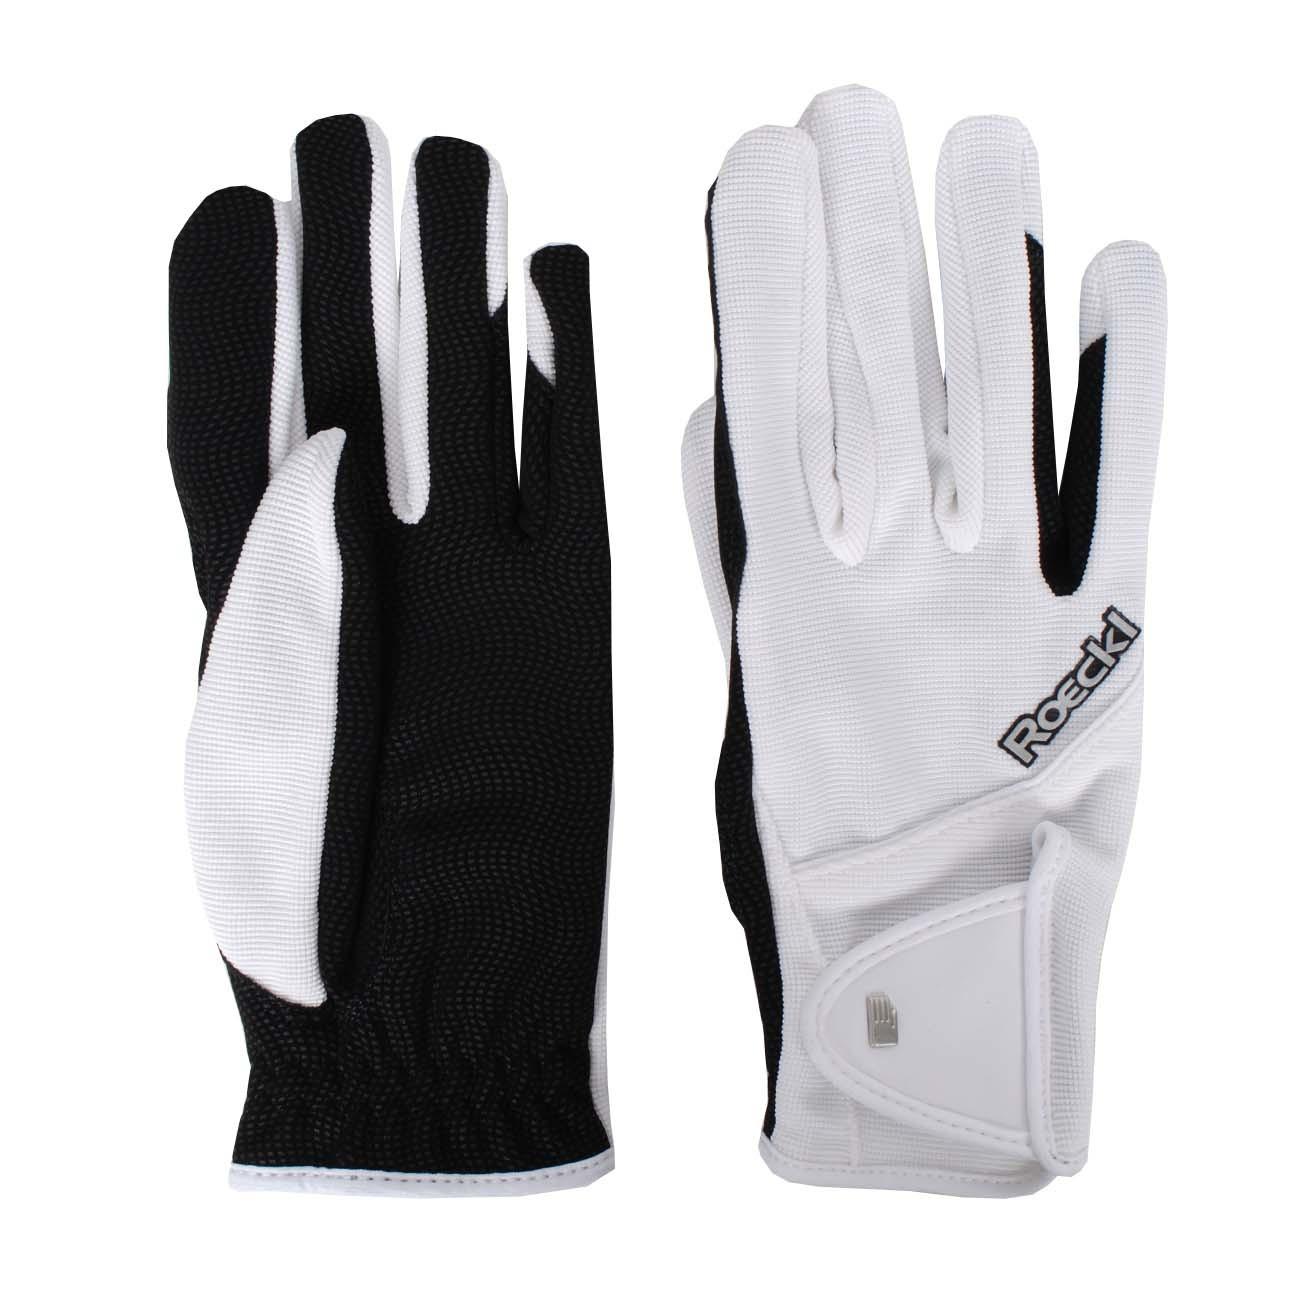 Roeckl Milano handschoenen wit maat:6